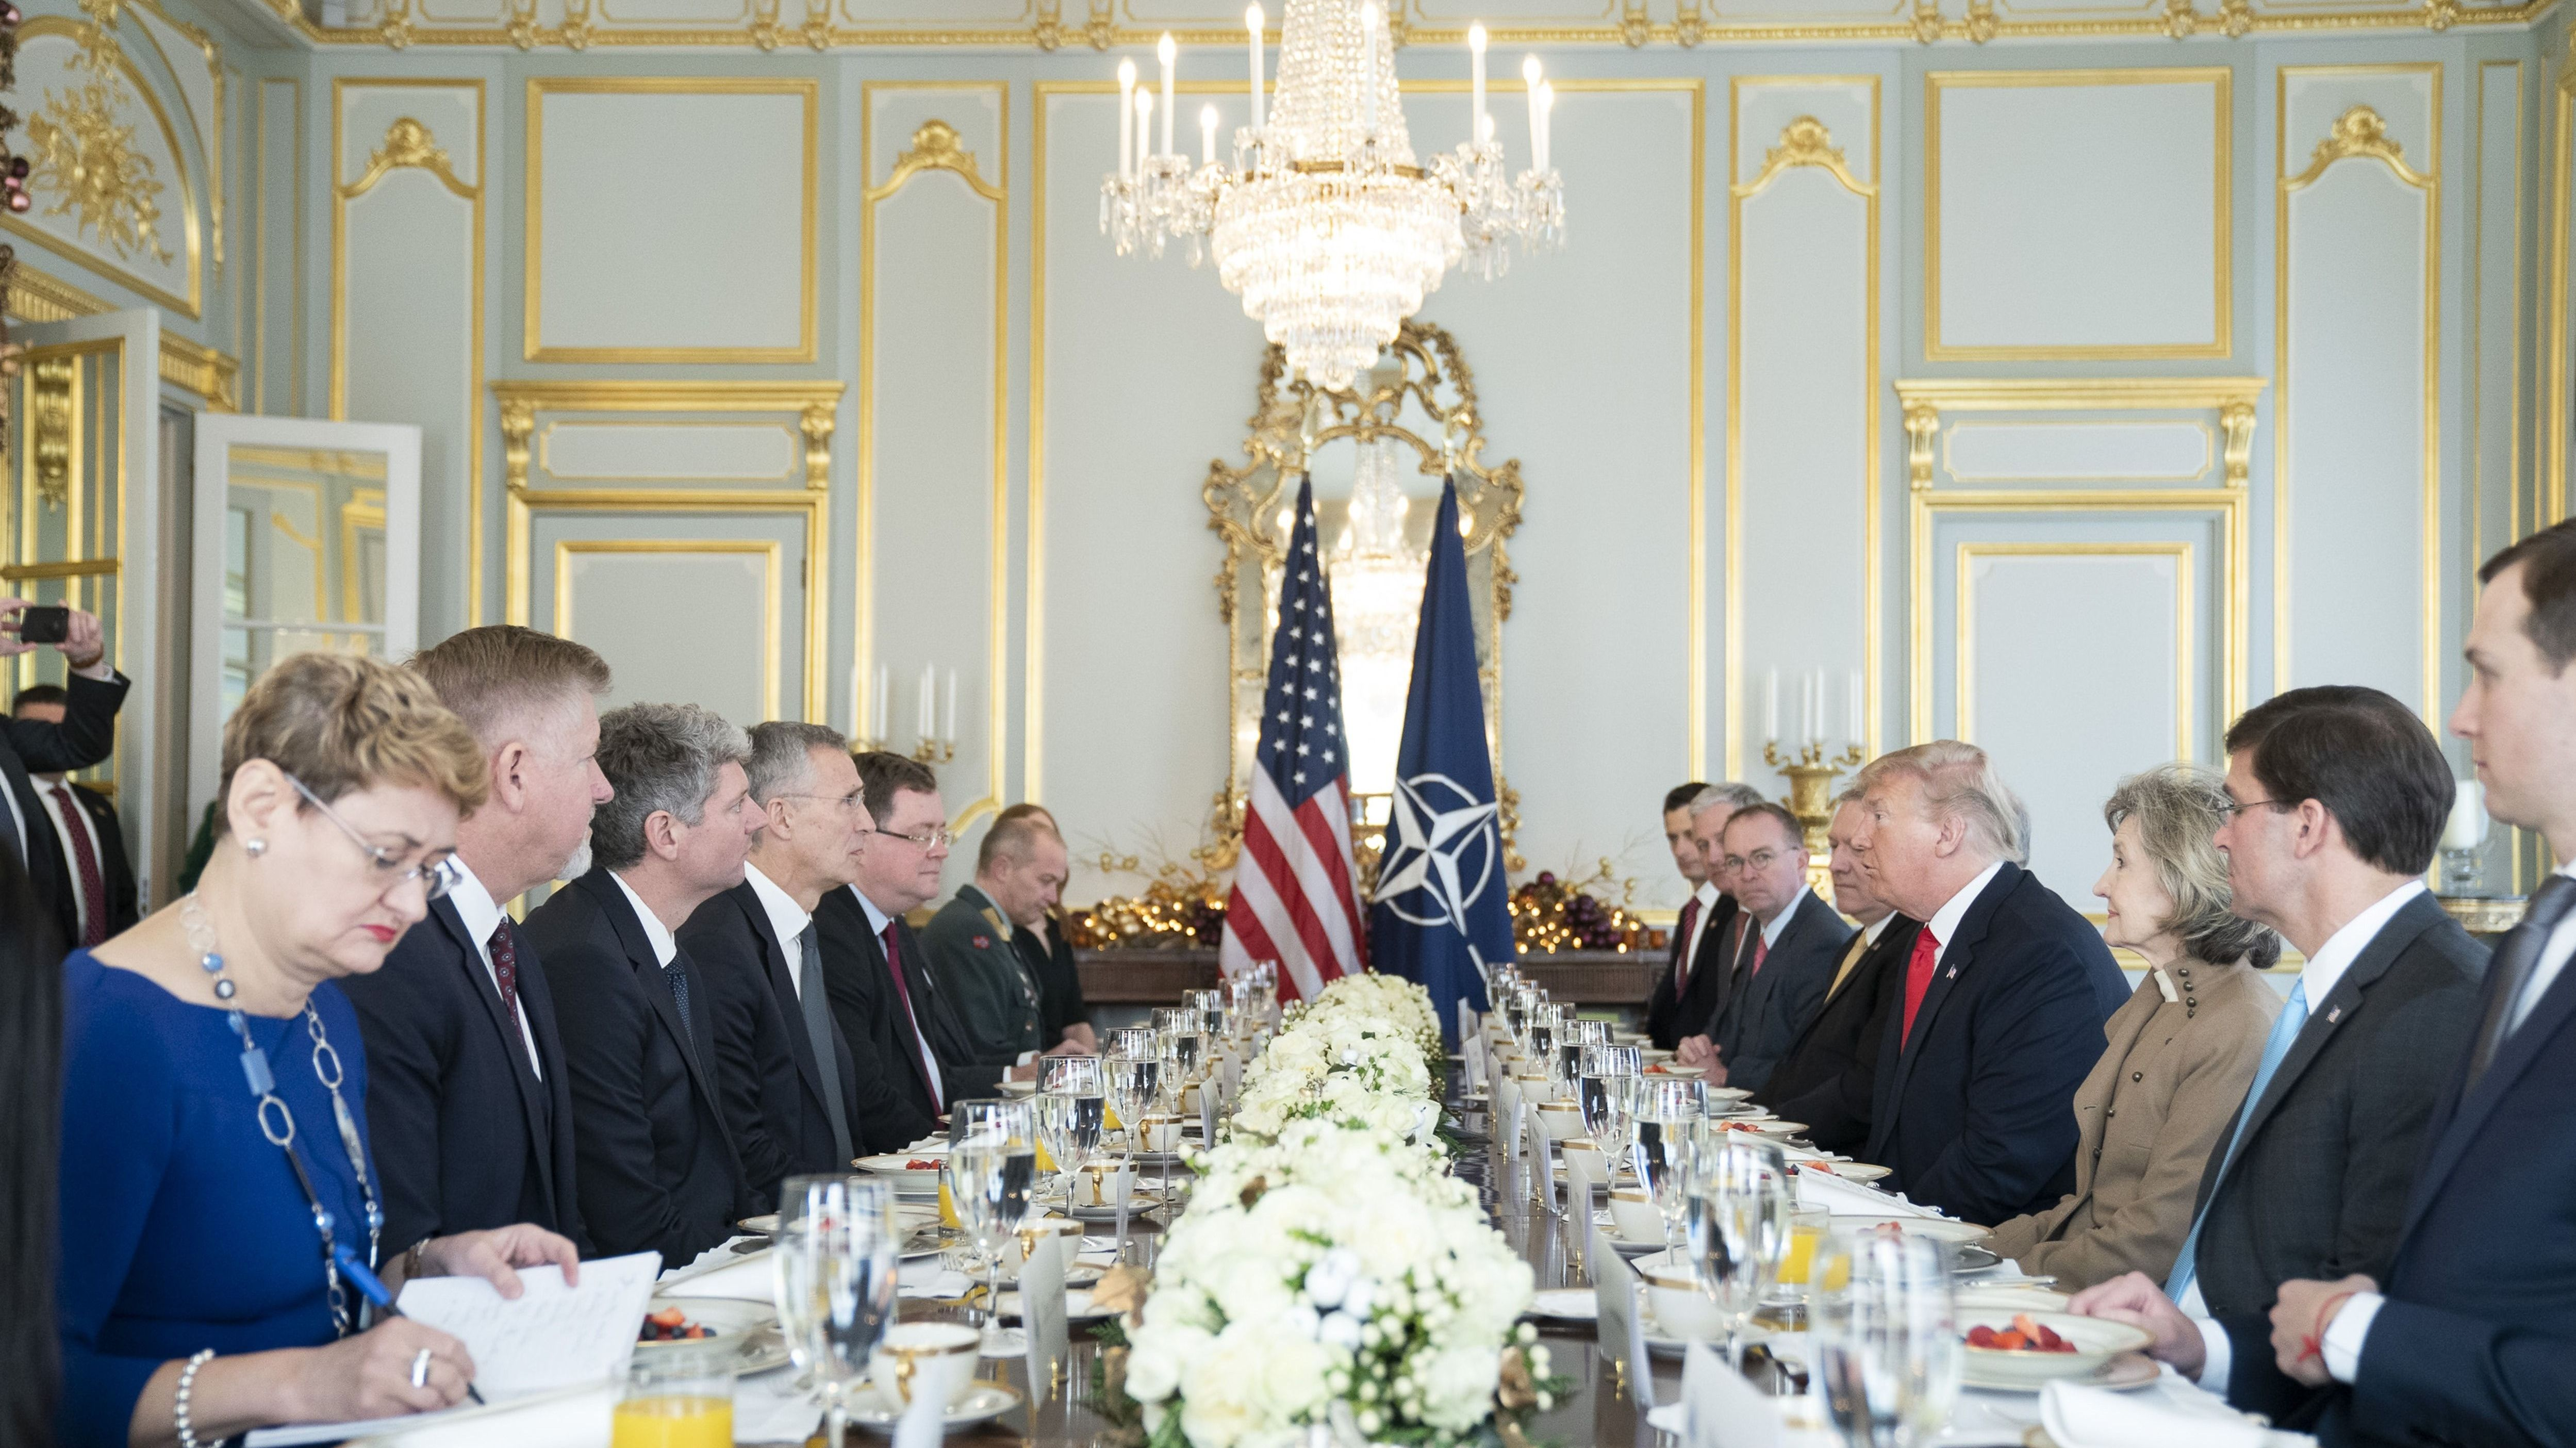 Treffen zum Frühstück: US Präsident Donald Trump und NATO-Generalsekretär Jens Stoltenberg